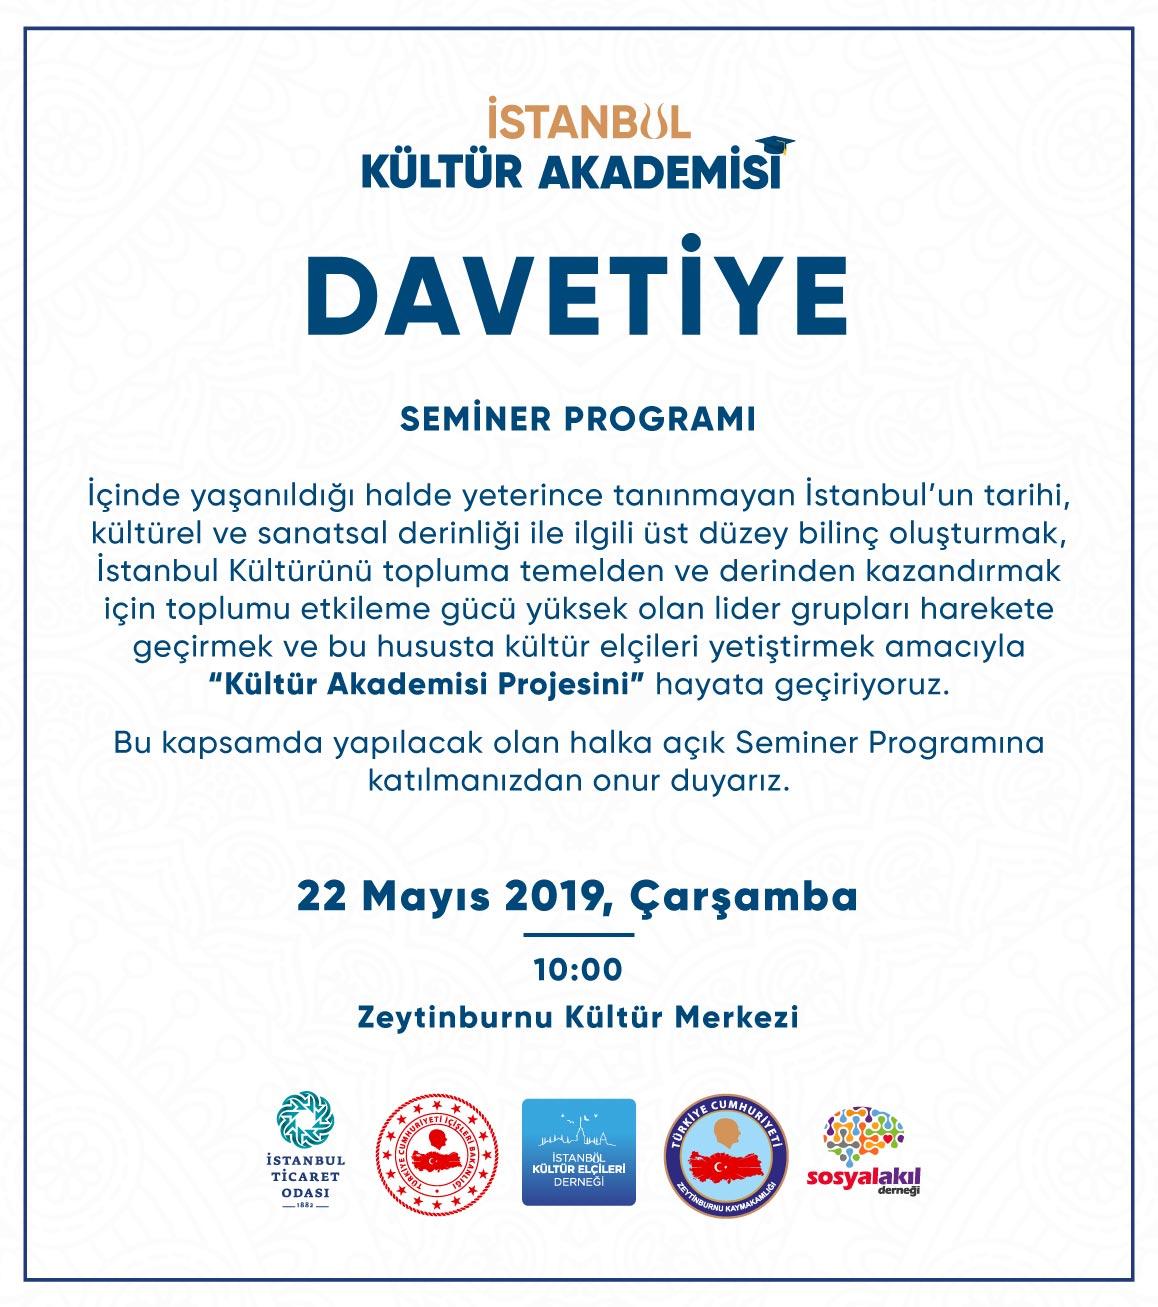 istanbul-kultur-akademisi-seminer-davetiye